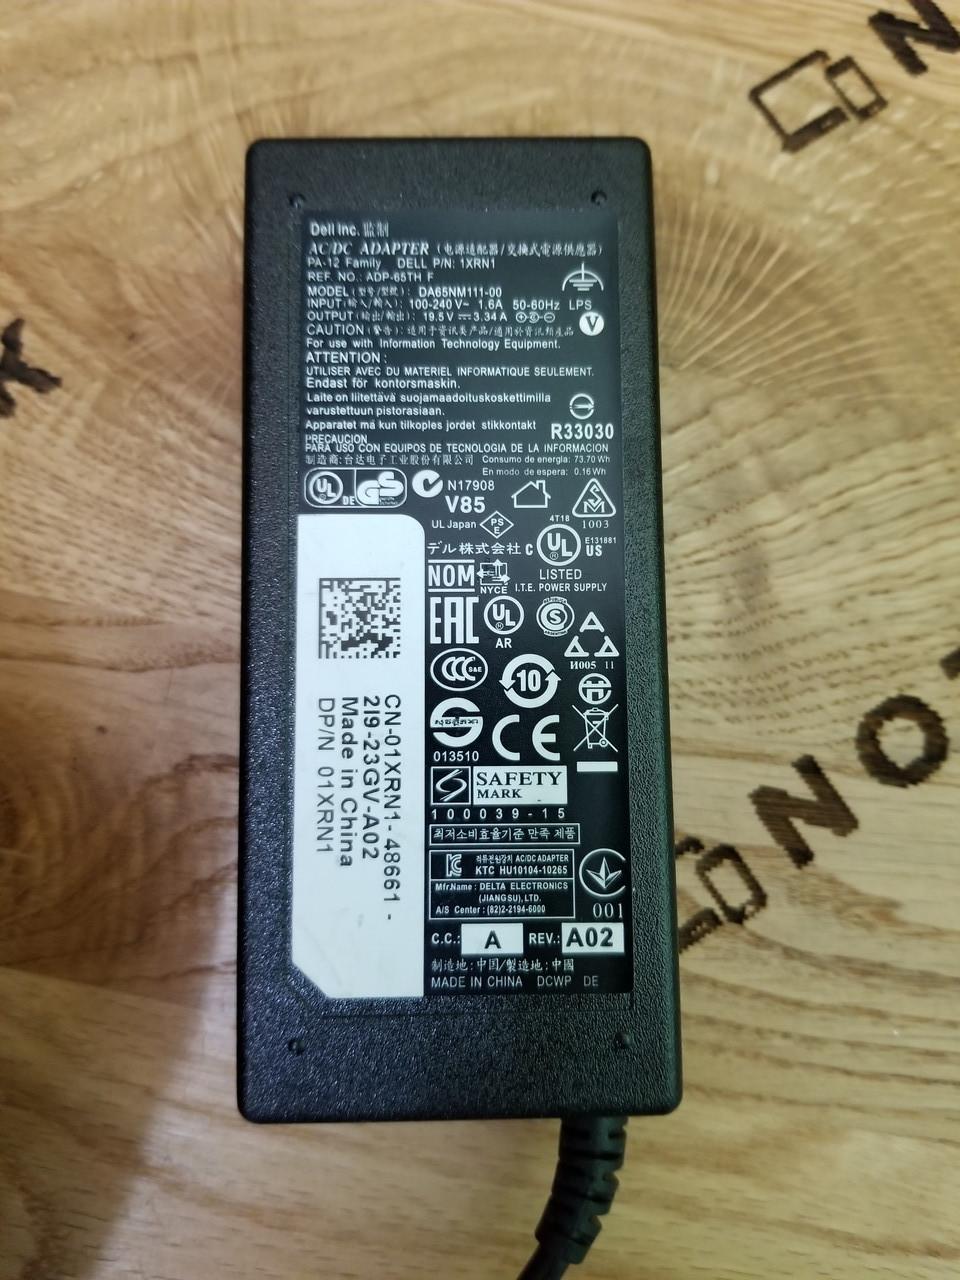 Блок питания для ноутбука DELL 65W 19.5V 3.34A 7.4x5.0mm (DA65NM111-00) ОРИГИНАЛ